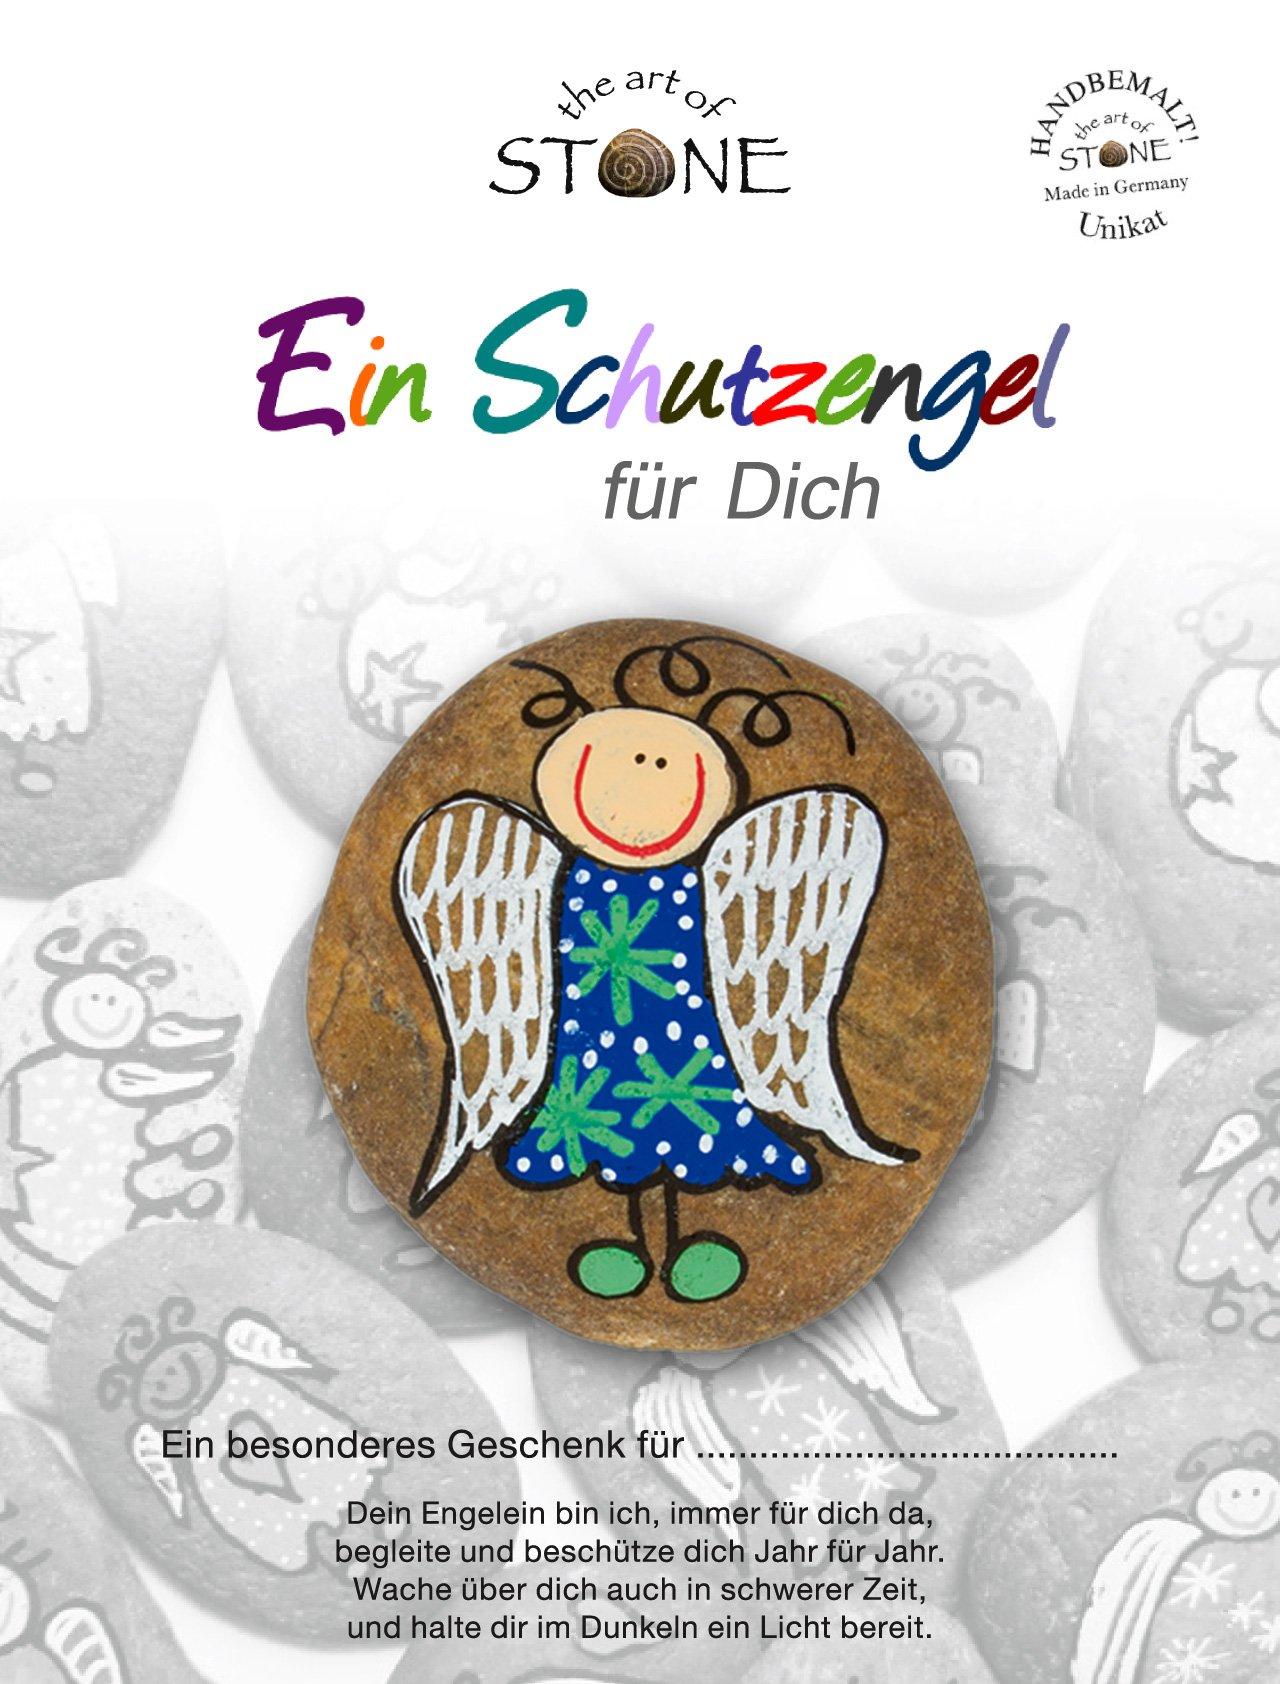 The Art of Stone - Schutzengel Blau-grüne Sterne - Glücksstein mit Engel - Handbemalter Naturstein als Glücksbringer…